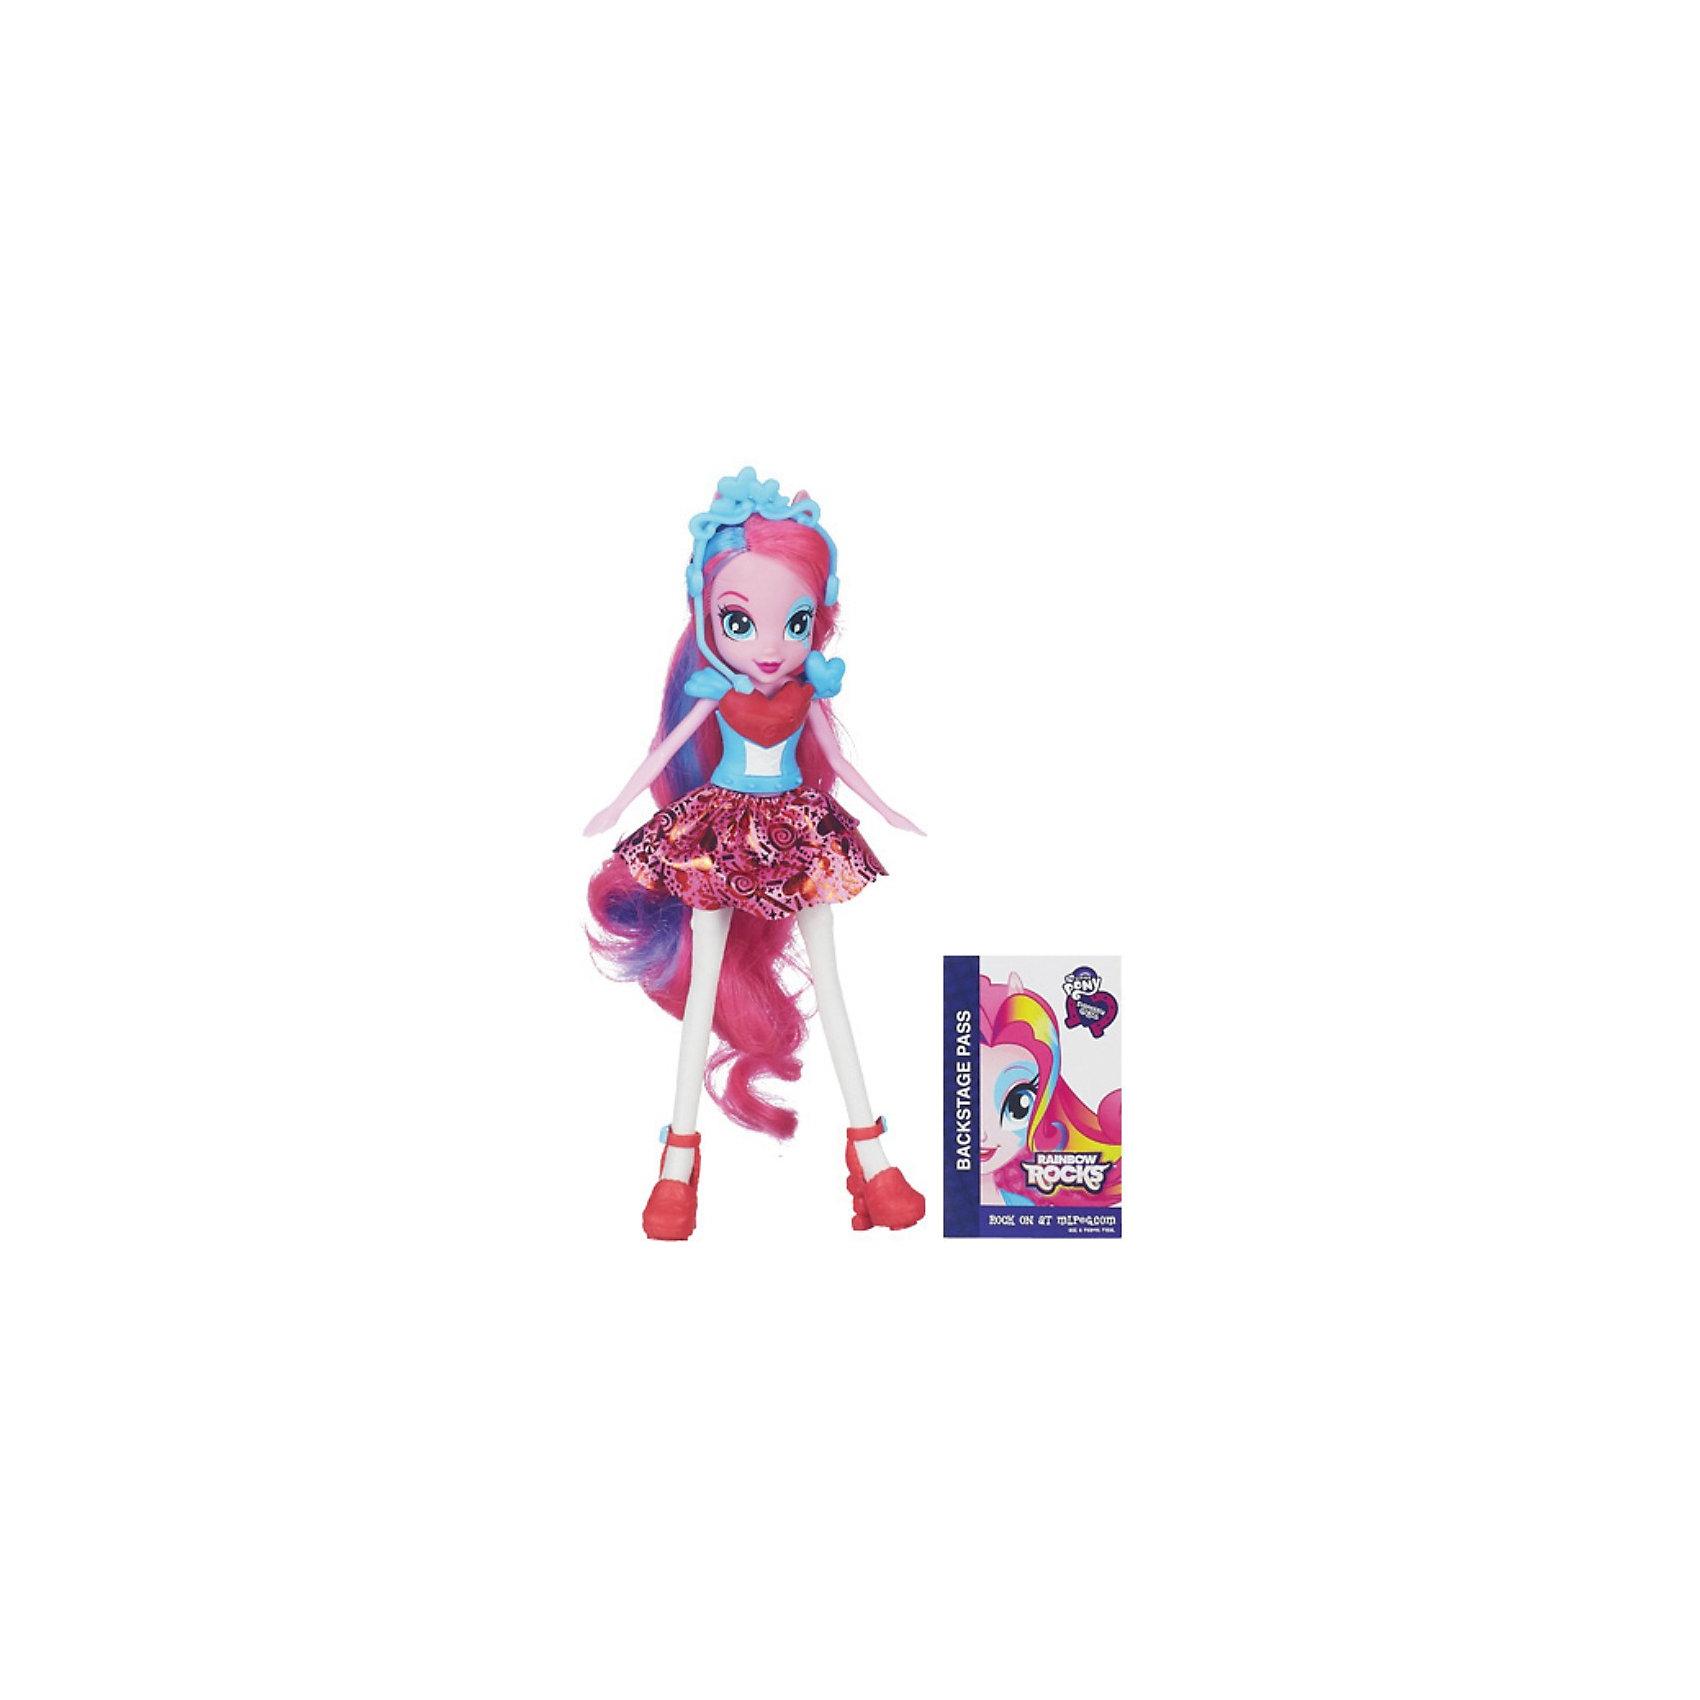 универсальный подарок кукла которой можно сканировать картинки ковры сегодняшний день